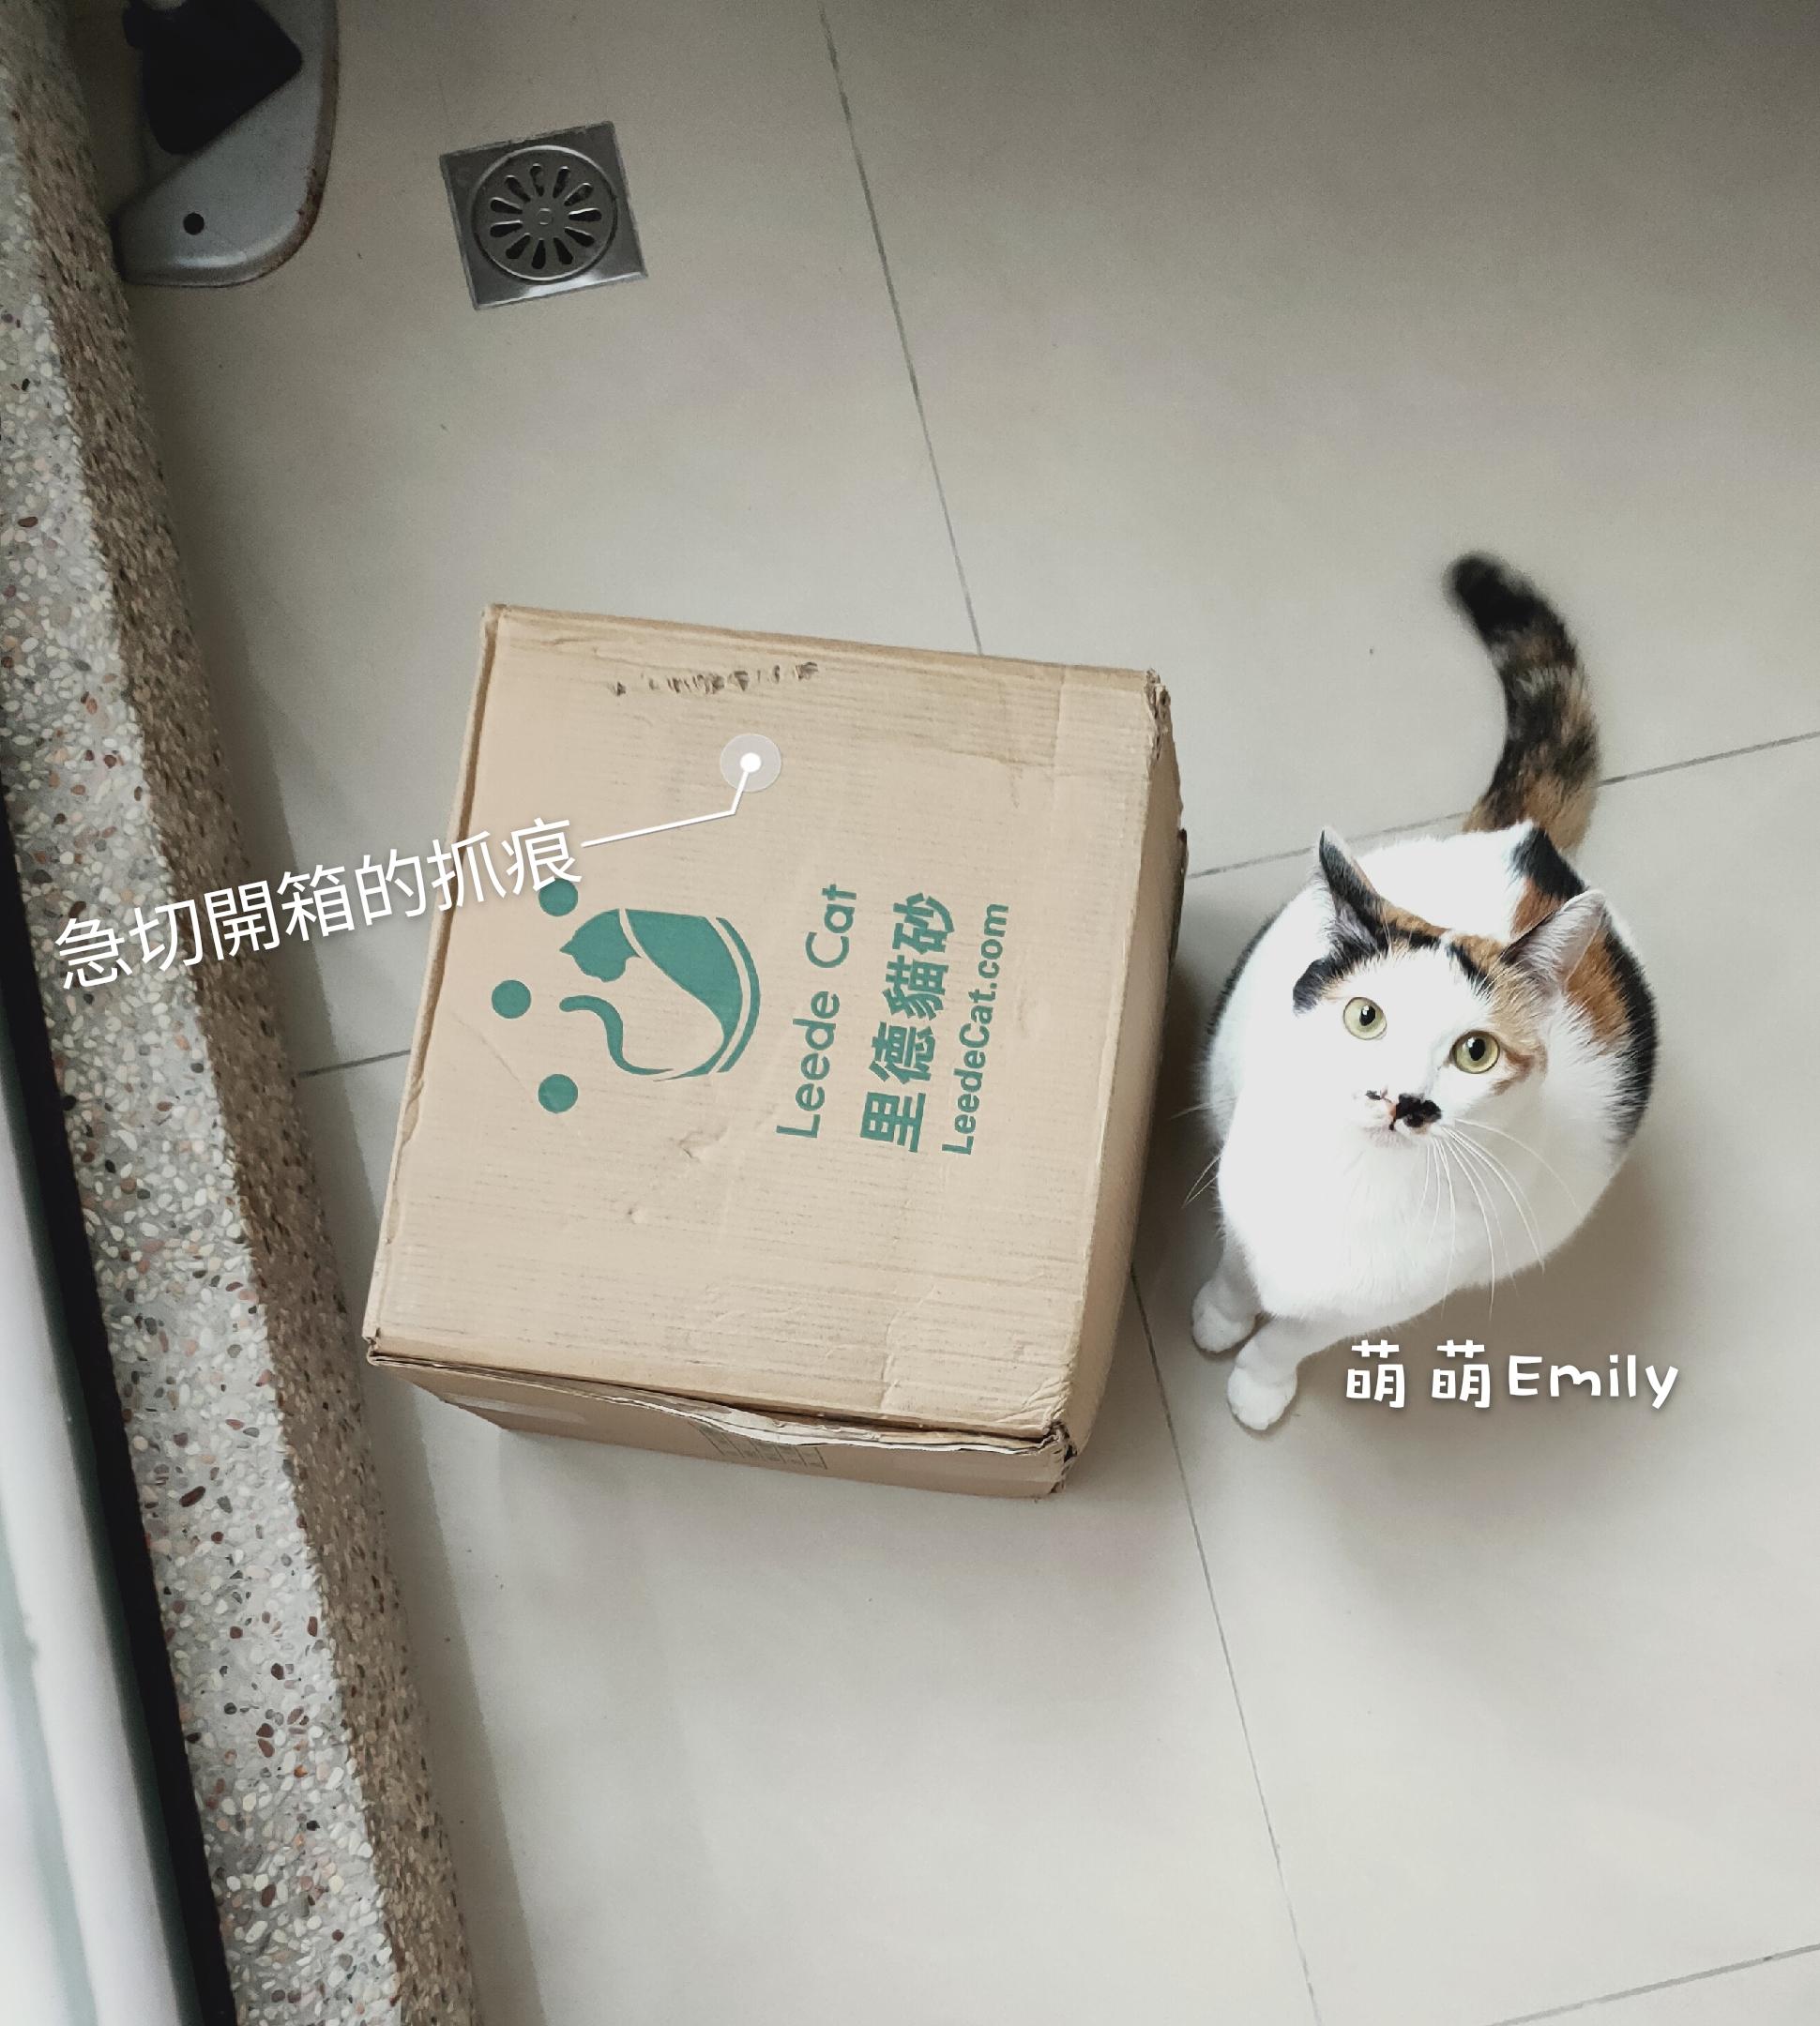 網路銷售評價紅不讓!愛貓粉絲推薦里德貓砂/淨粹礦砂 @ 鹿爾小姐 :: 痞客邦